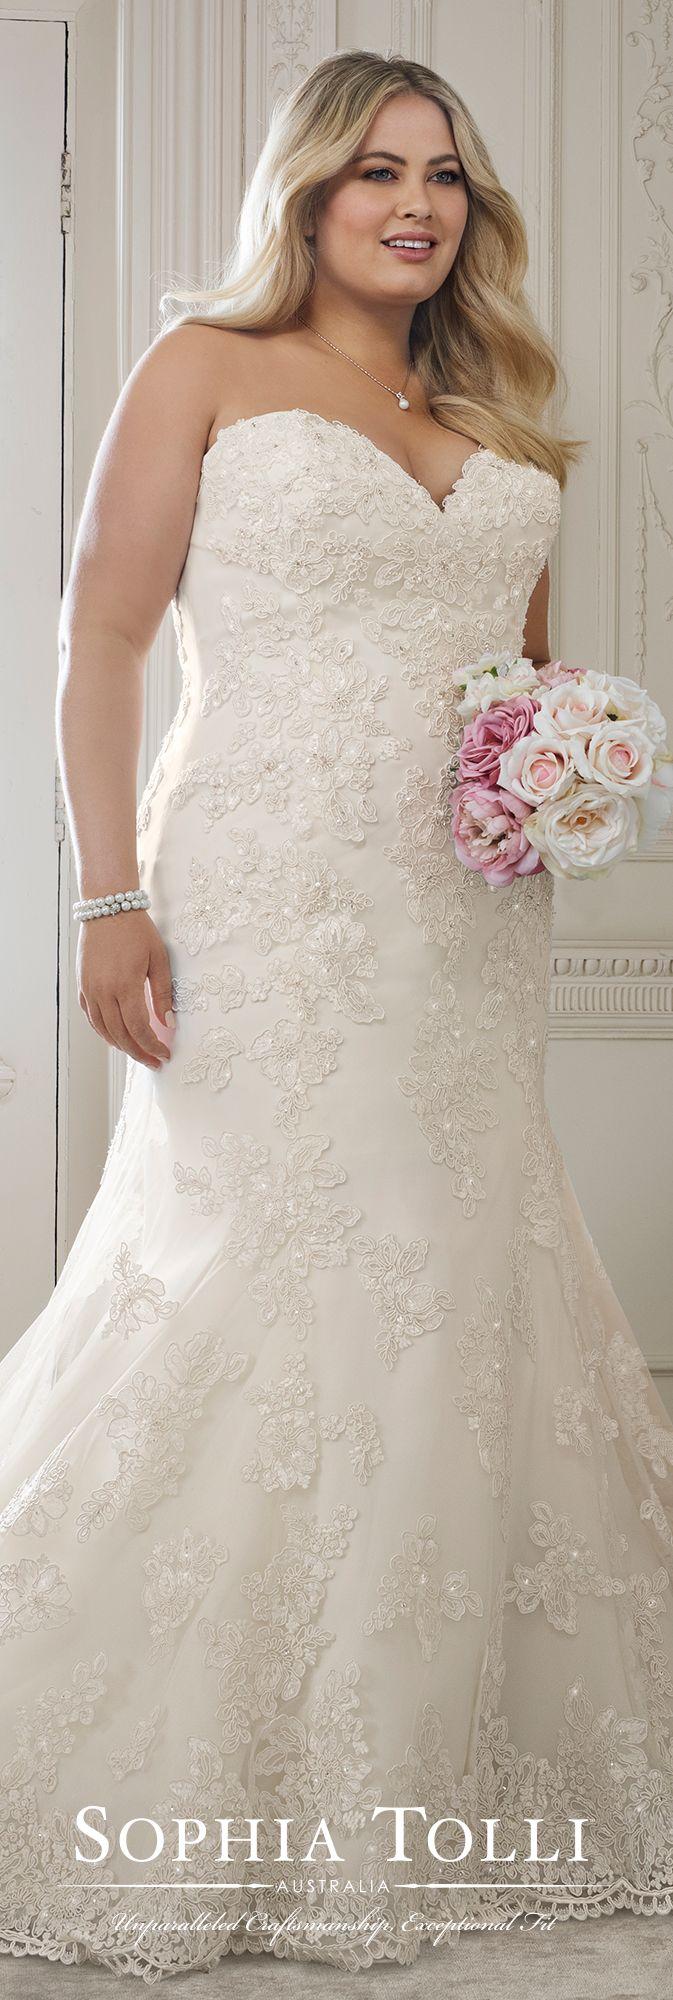 Les 592 meilleures images du tableau wedding dresses by for Robes de renouvellement de voeux de mariage taille plus